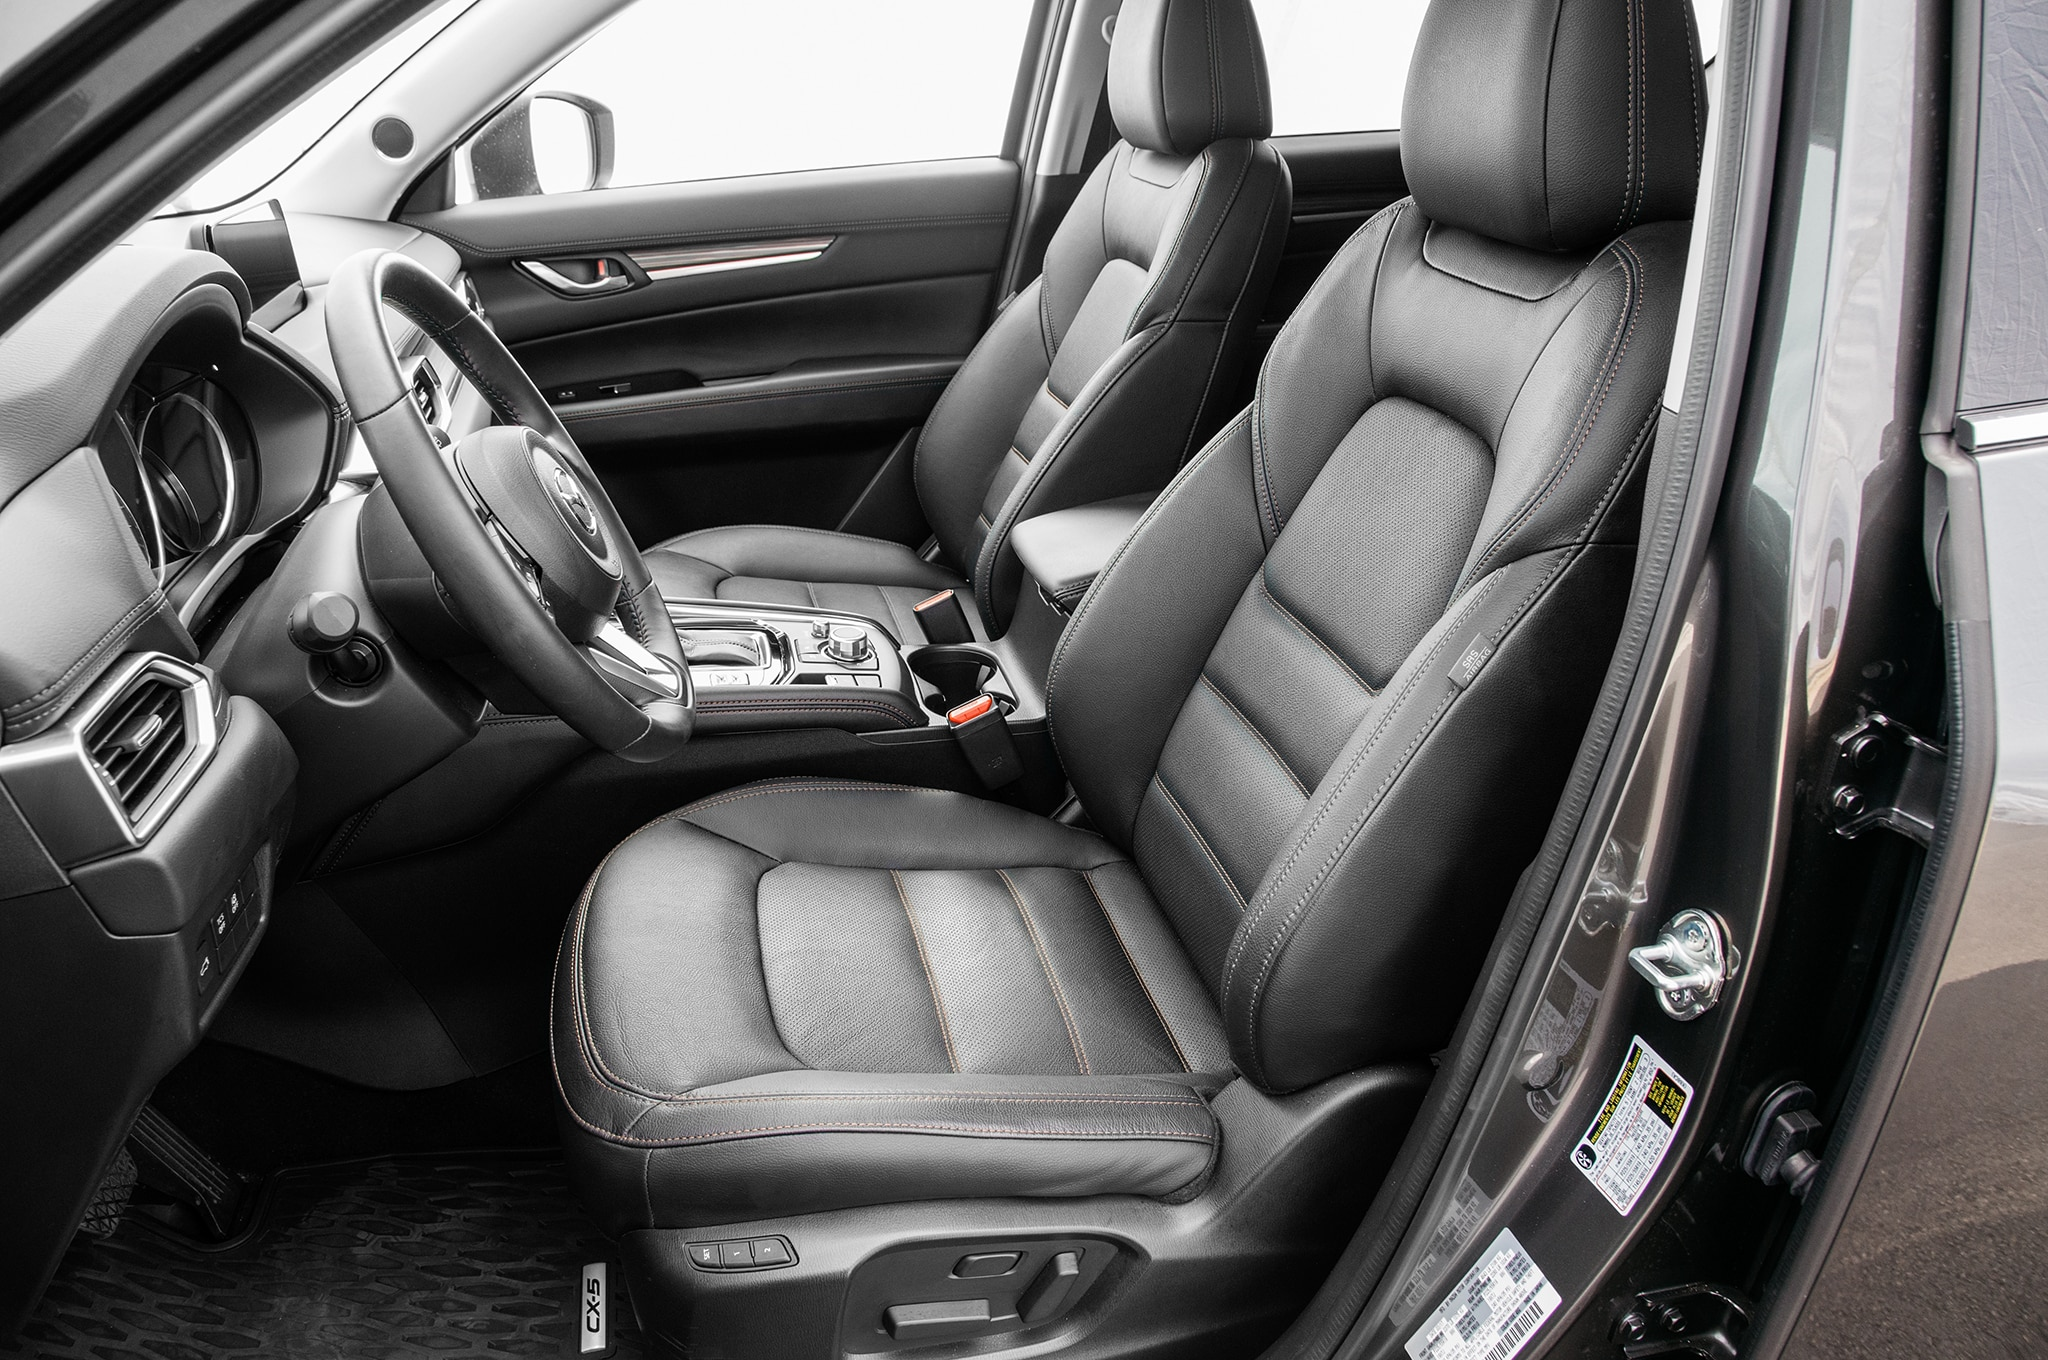 2018 Mazda CX 5 Gets Cylinder Deactivation